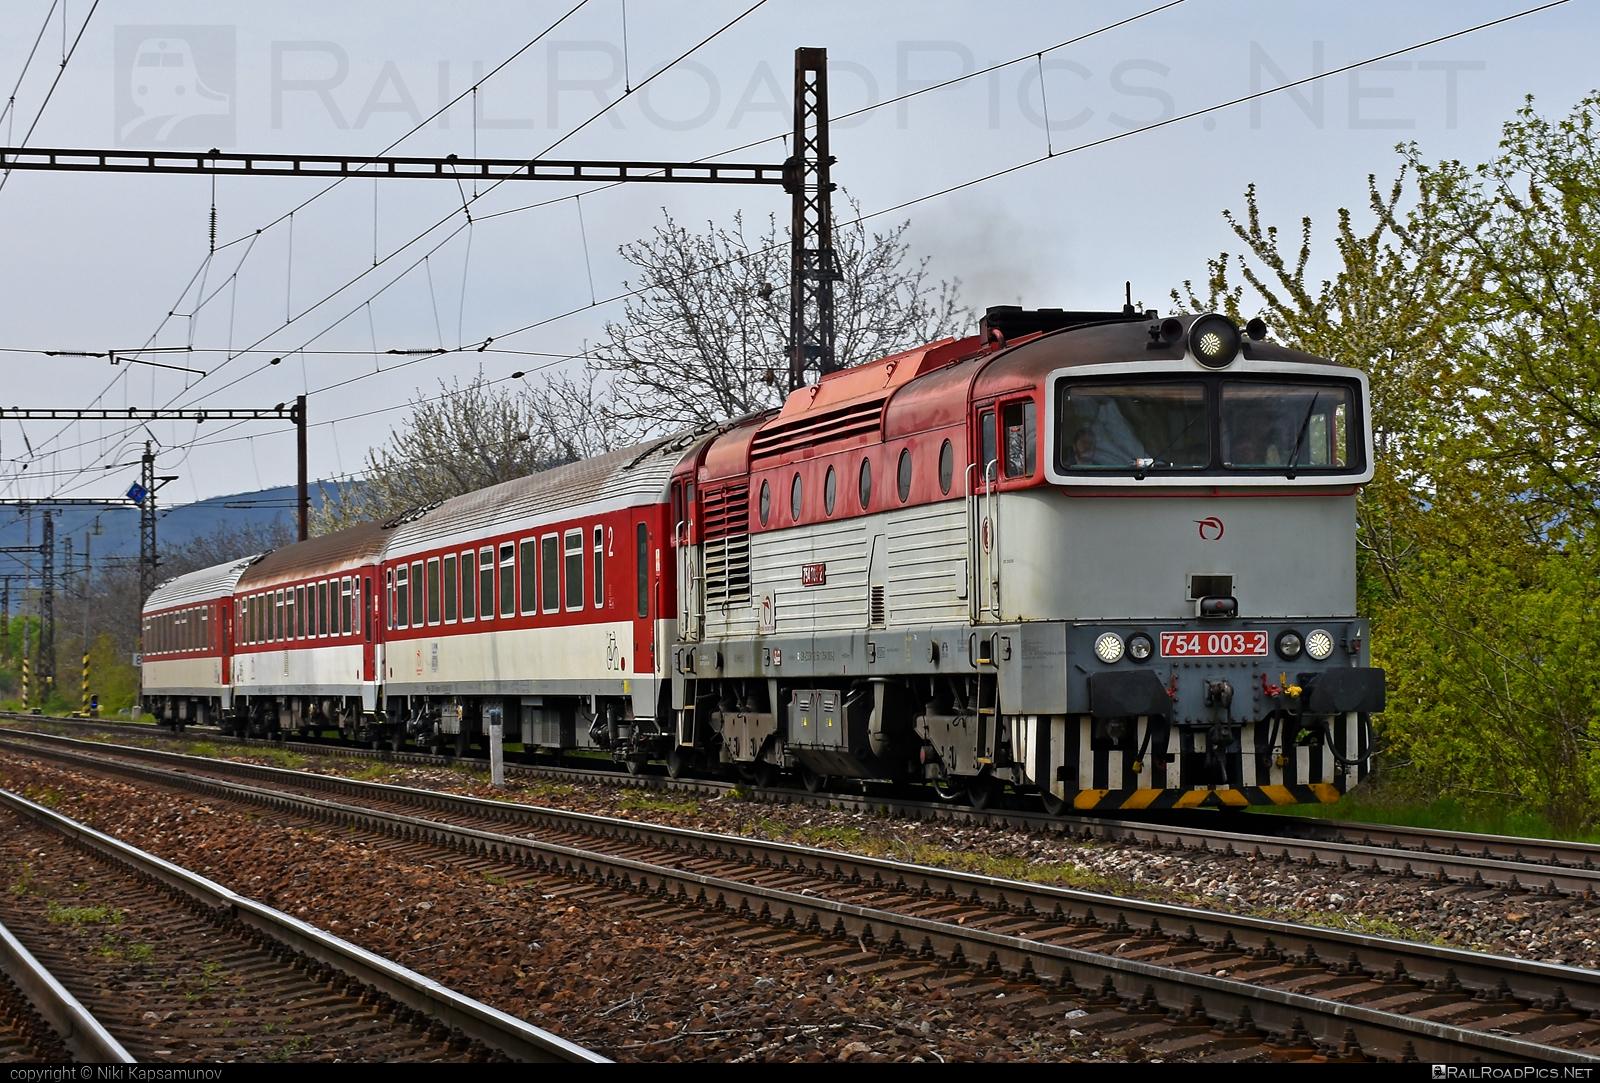 ČKD T 478.4 (754) - 754 003-2 operated by Železničná Spoločnost' Slovensko, a.s. #ZeleznicnaSpolocnostSlovensko #brejlovec #ckd #ckd4784 #ckd754 #ckdt4784 #lokomotiva754 #okuliarnik #zssk